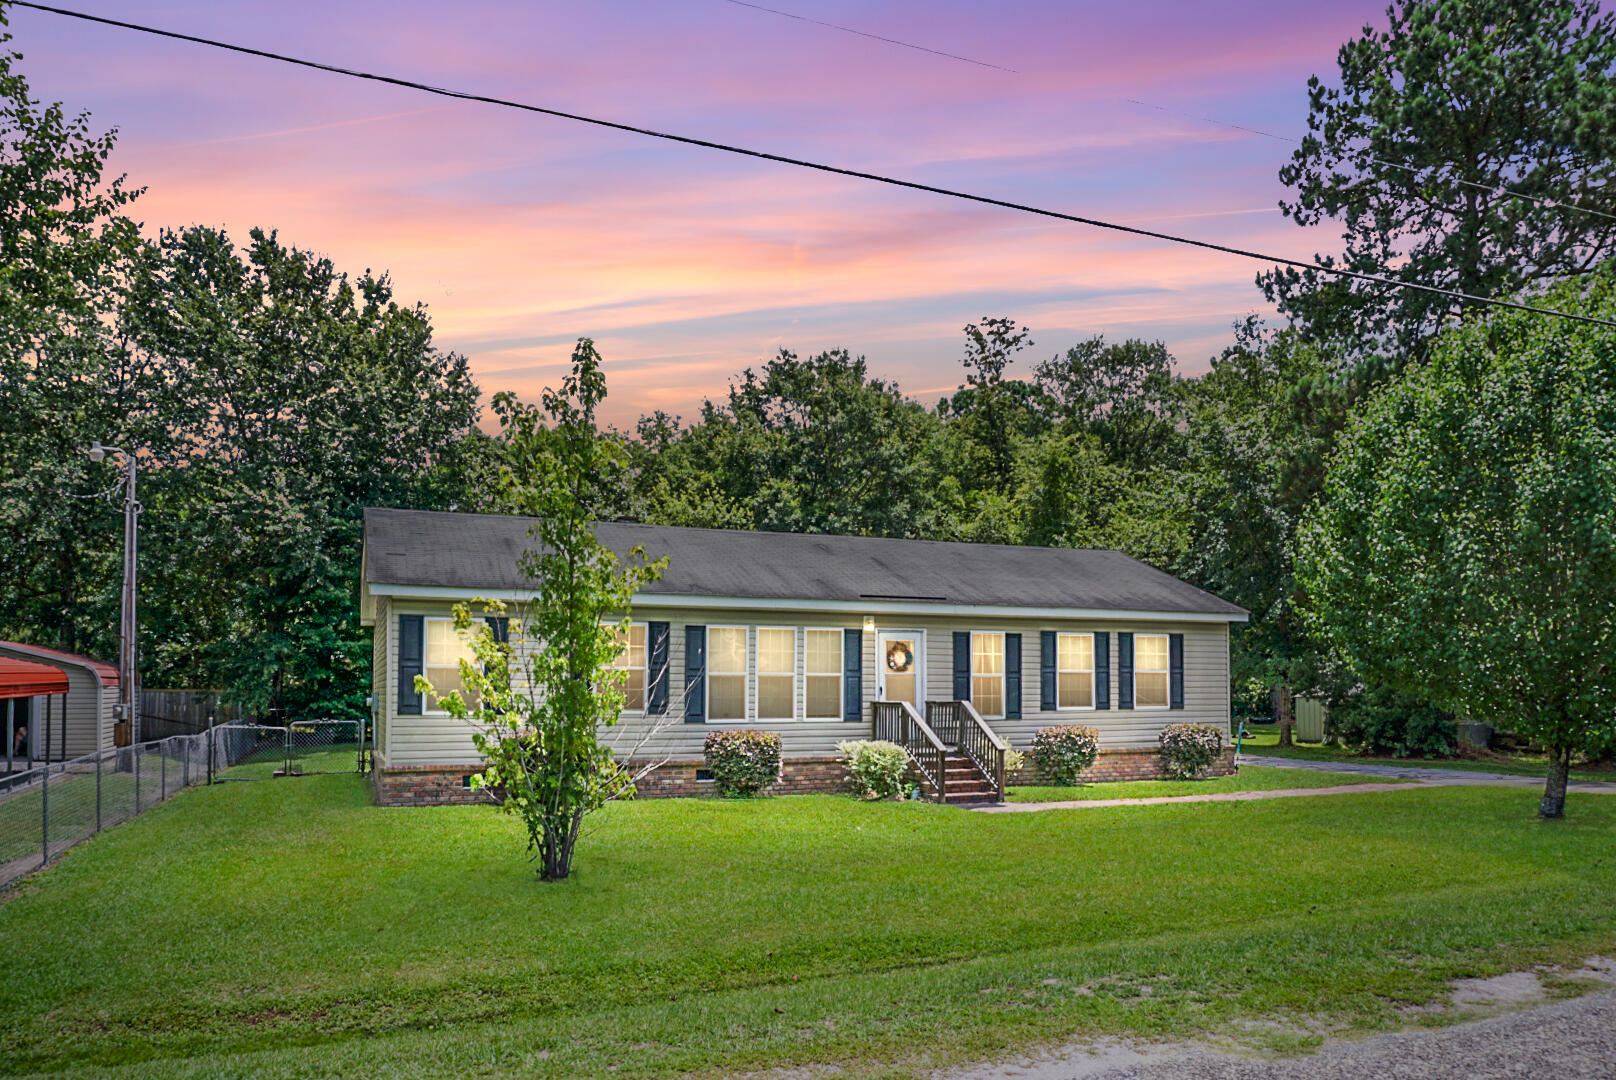 Bonneau Village Homes For Sale - 136 Dawsey, Bonneau, SC - 2